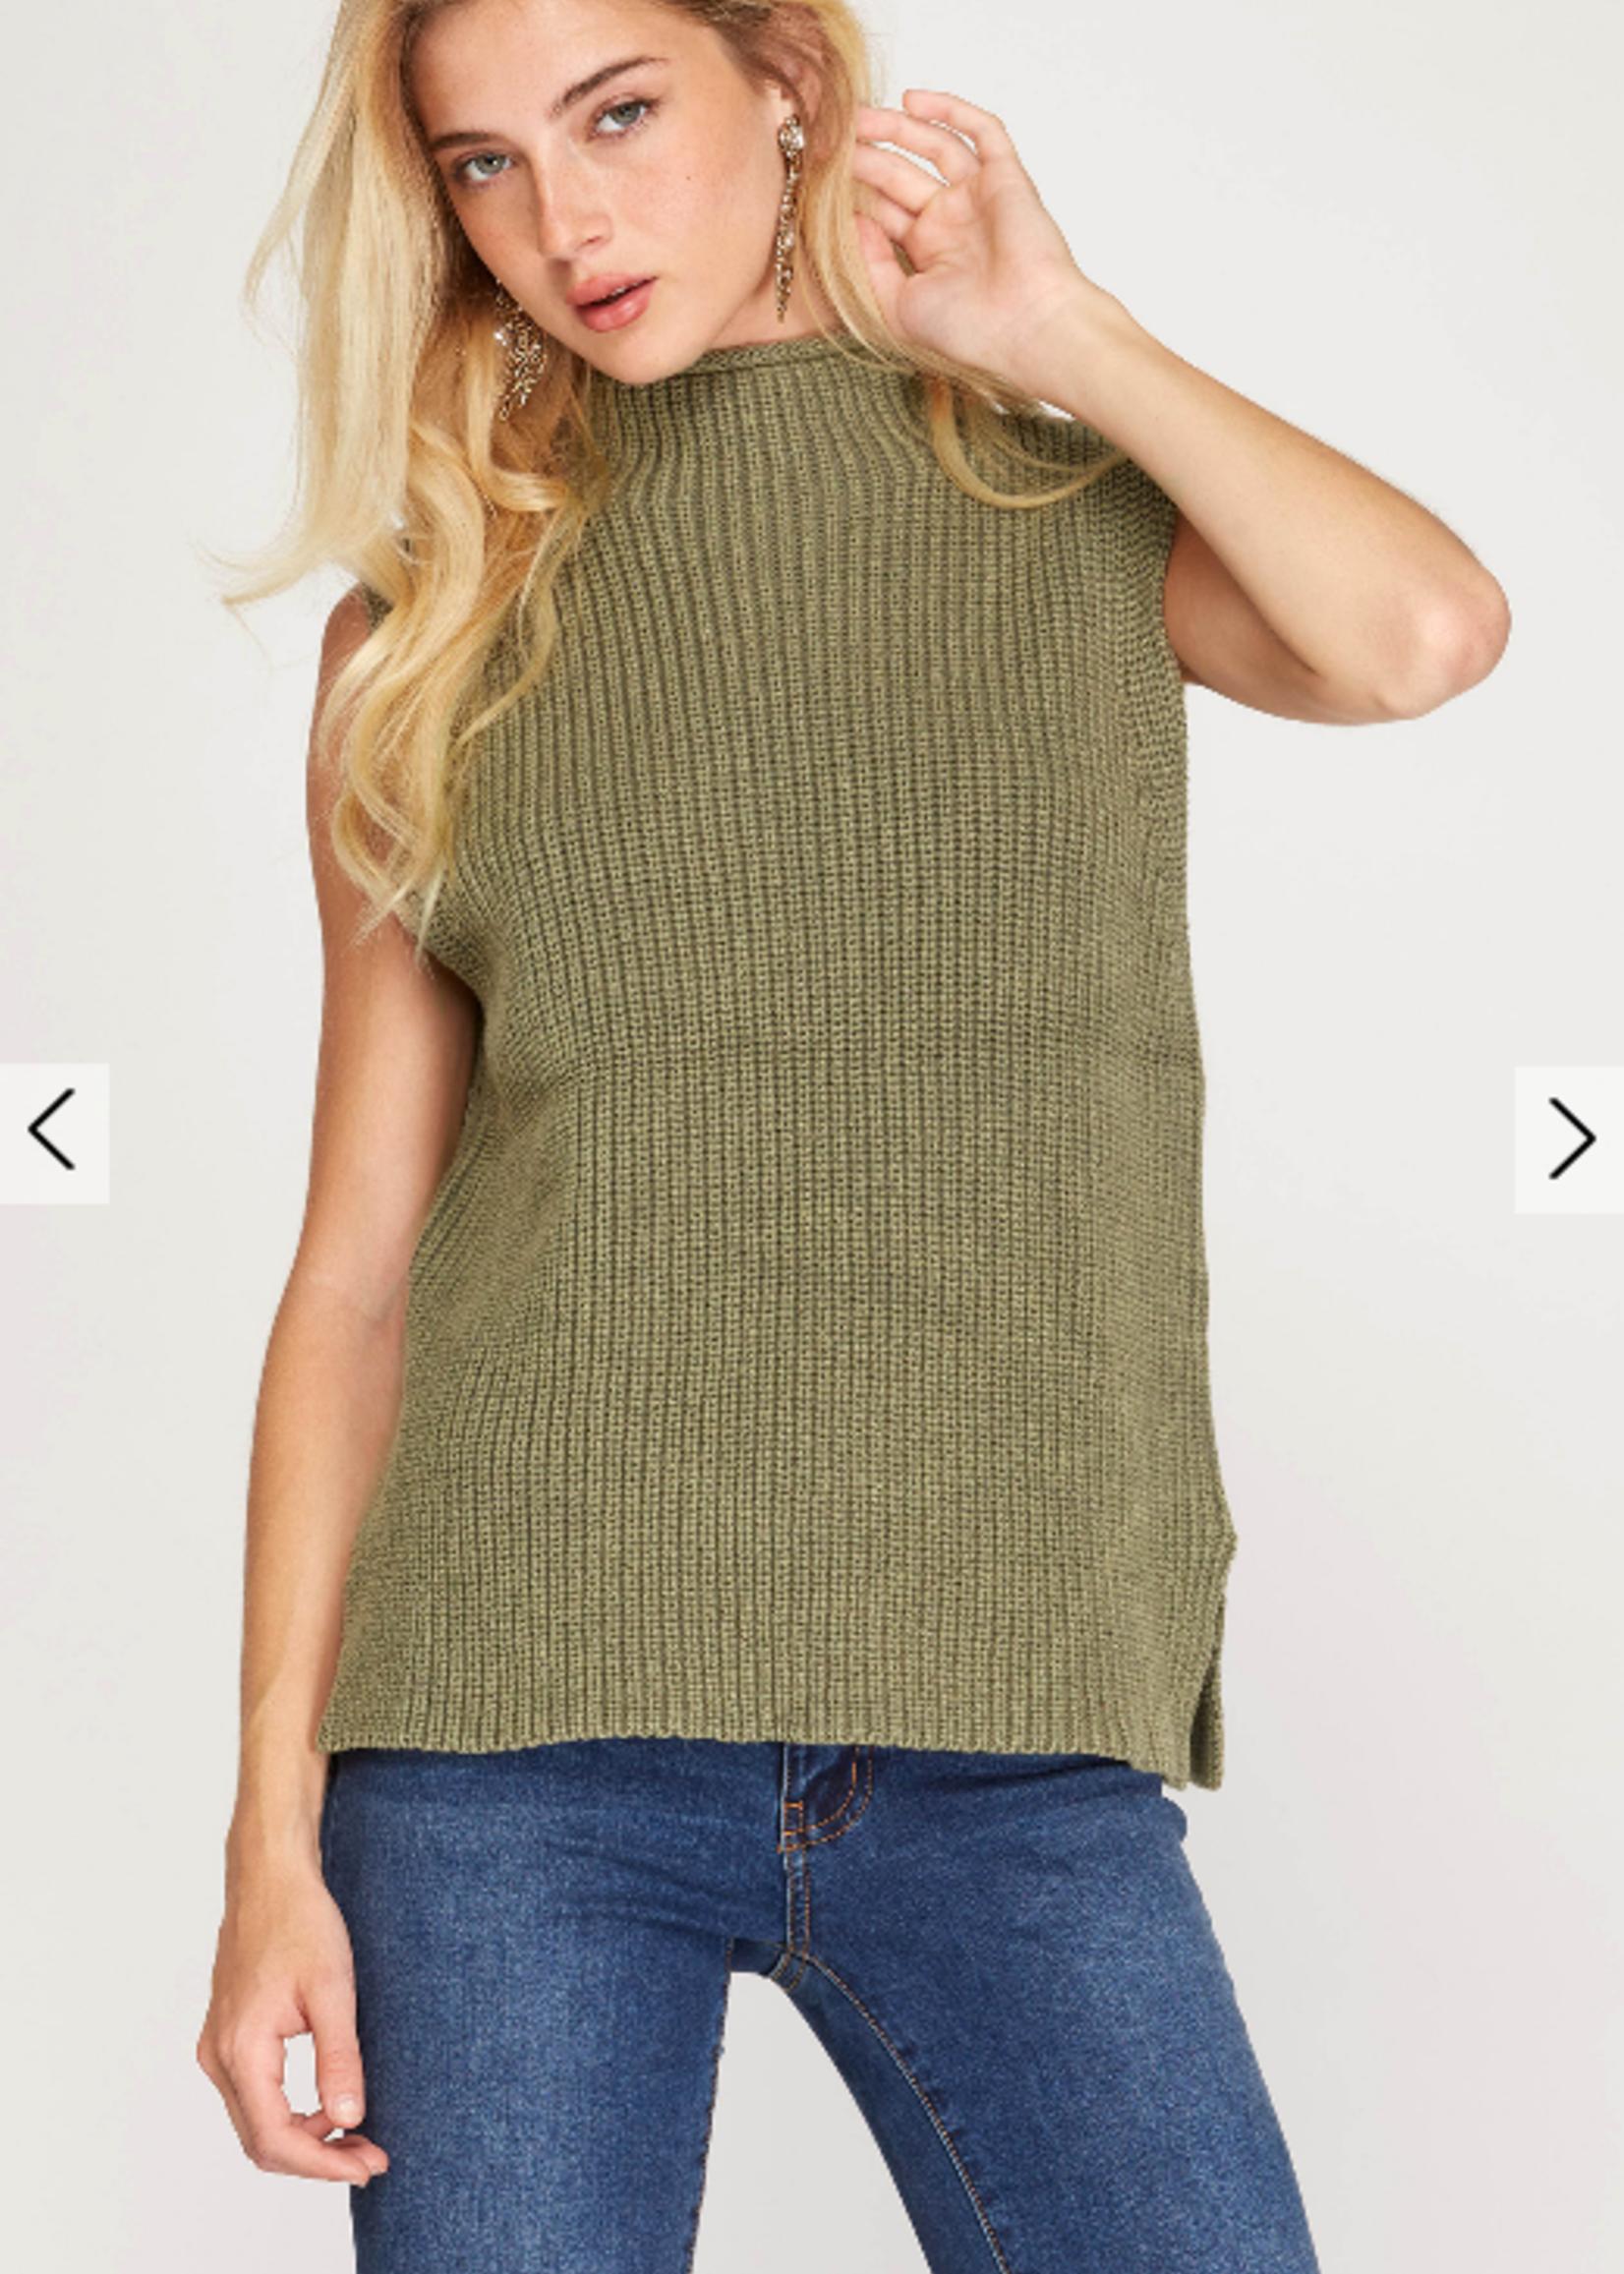 Sleeveless High Neck Washed Knit Sweater - Olive